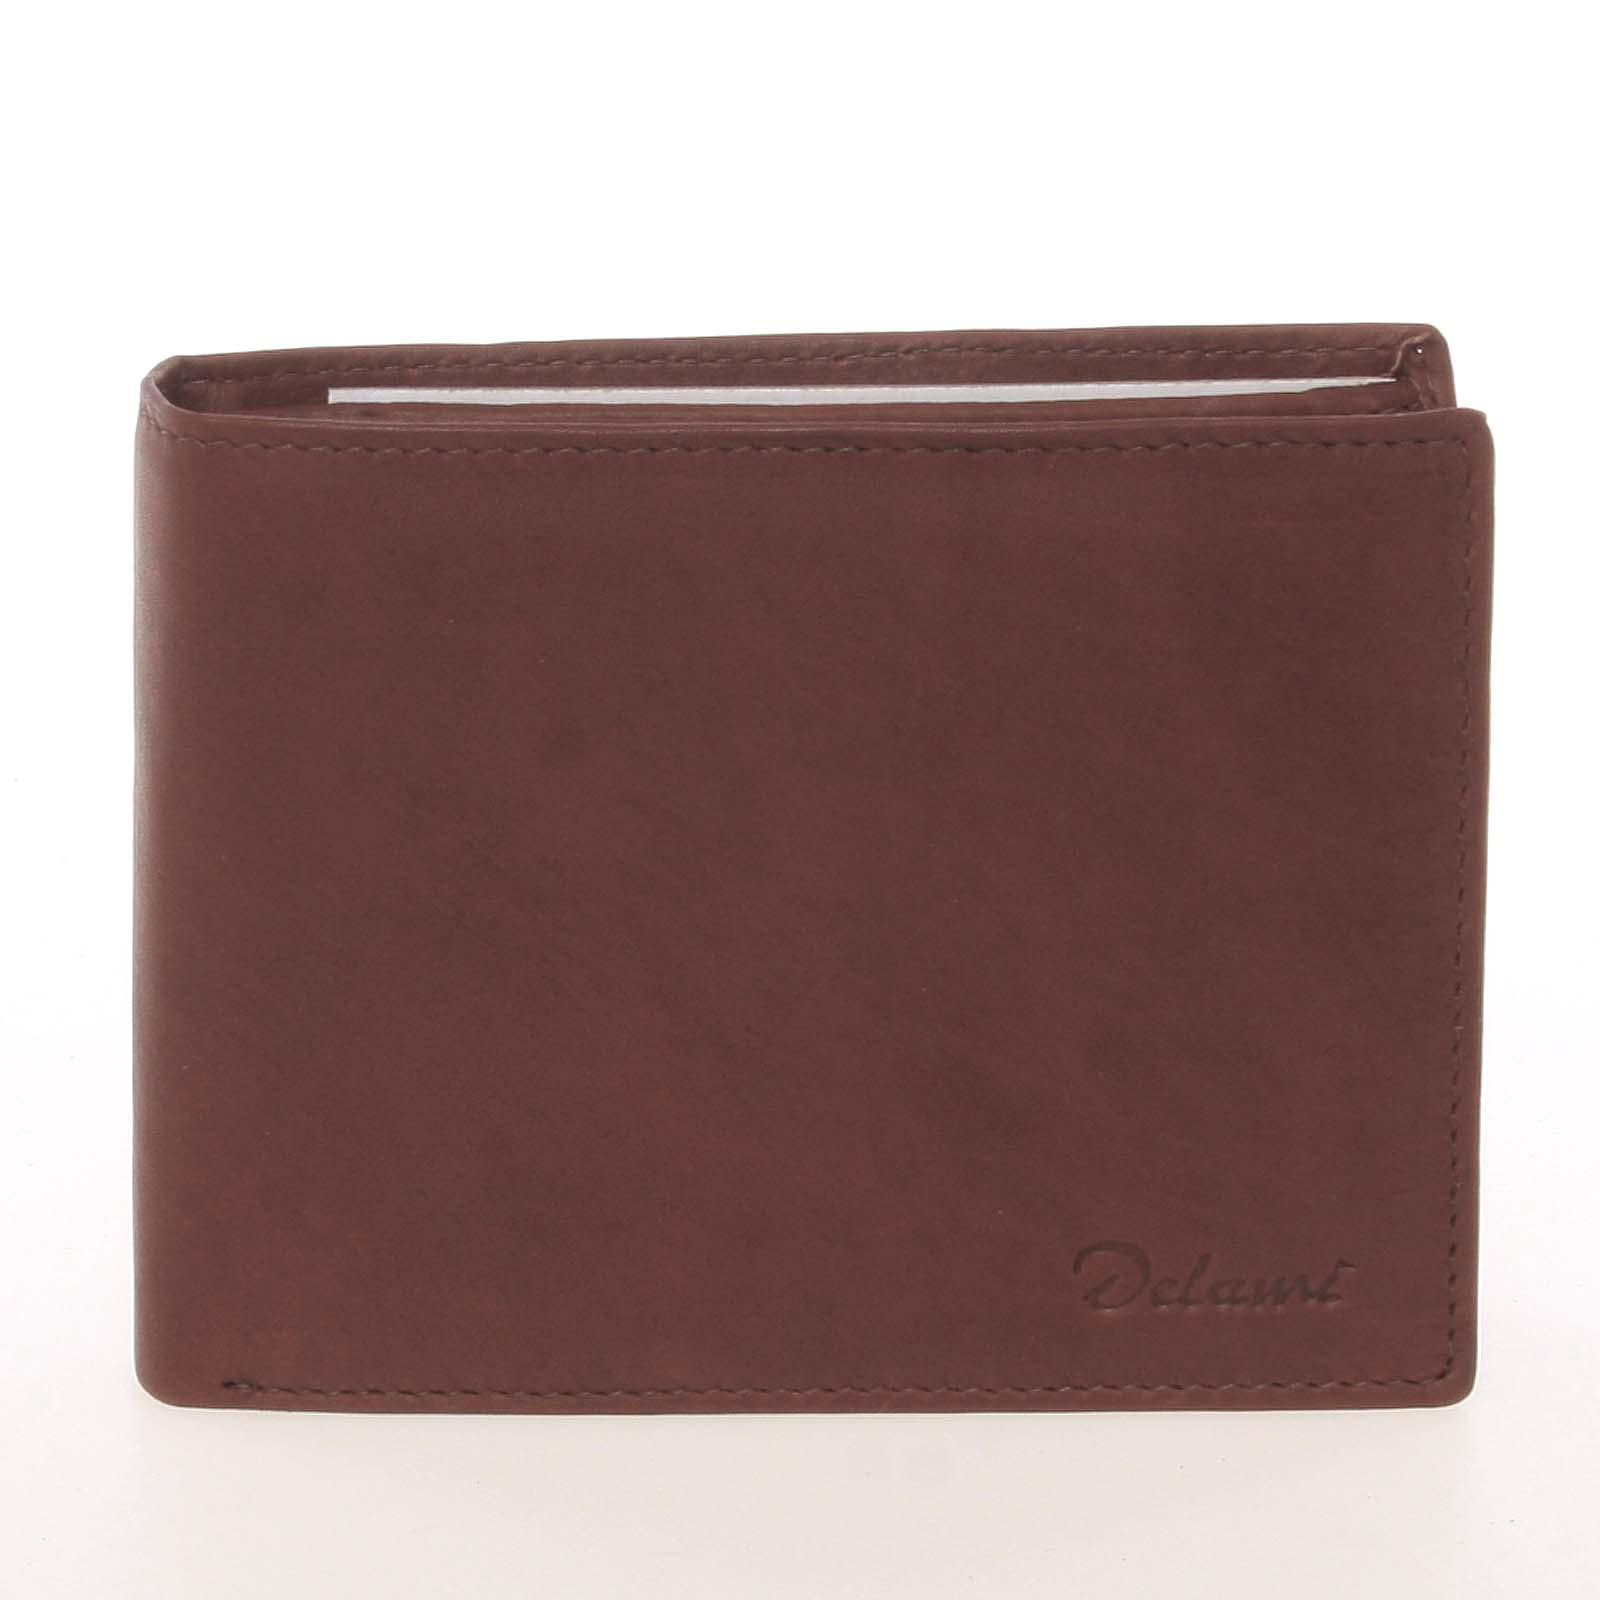 Kvalitná pánska kožená hnedá peňaženka - Delami Archard